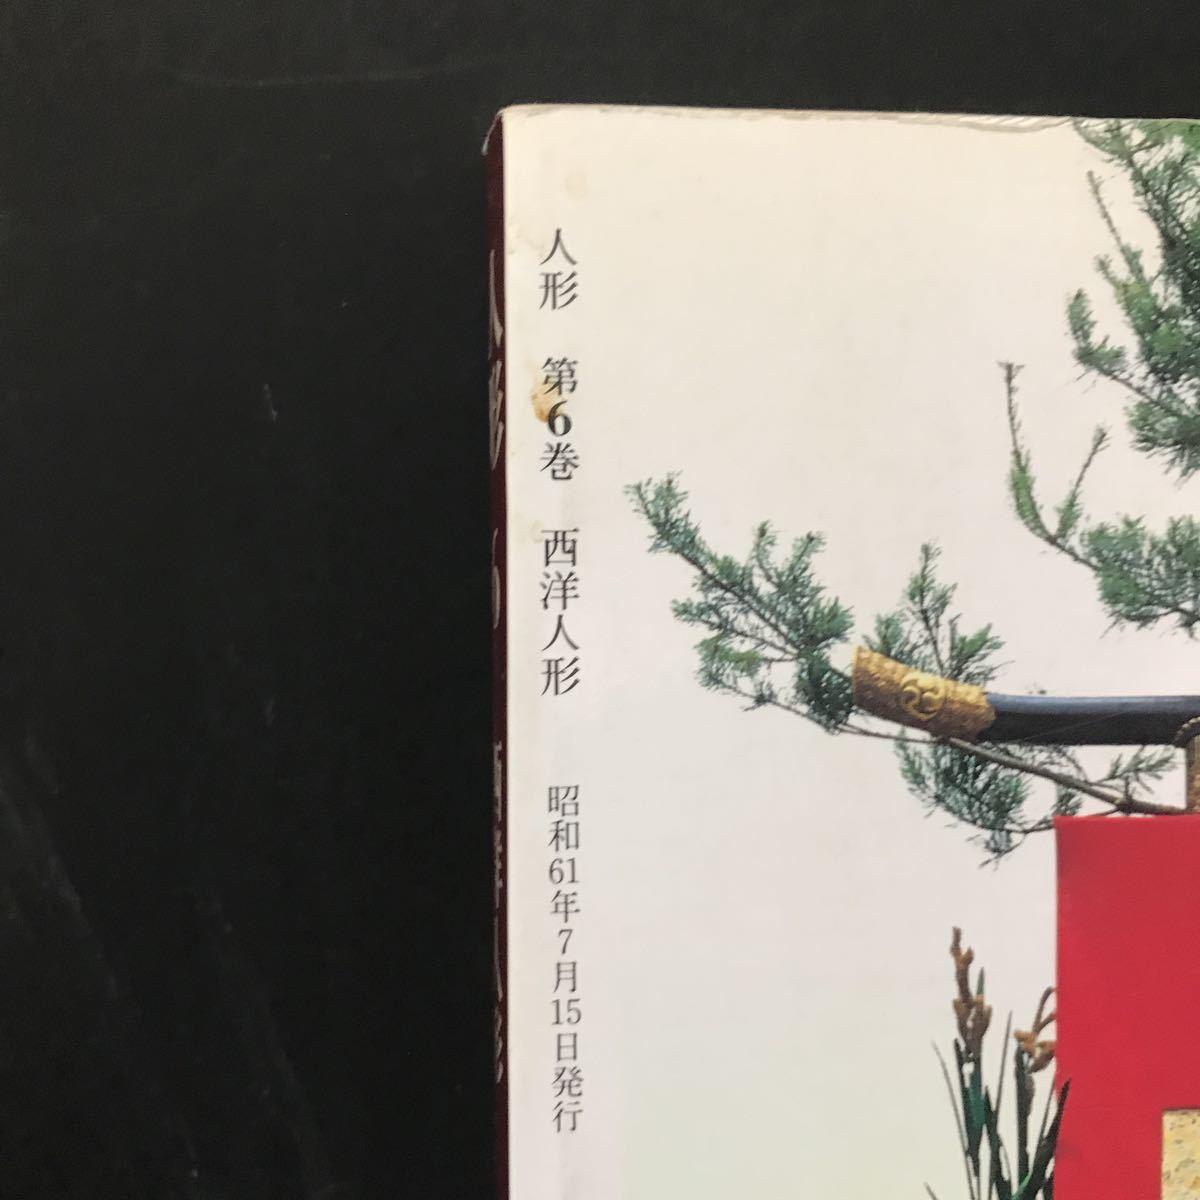 ビスクドール 書籍 人形 昭和61年発行 美品_画像7